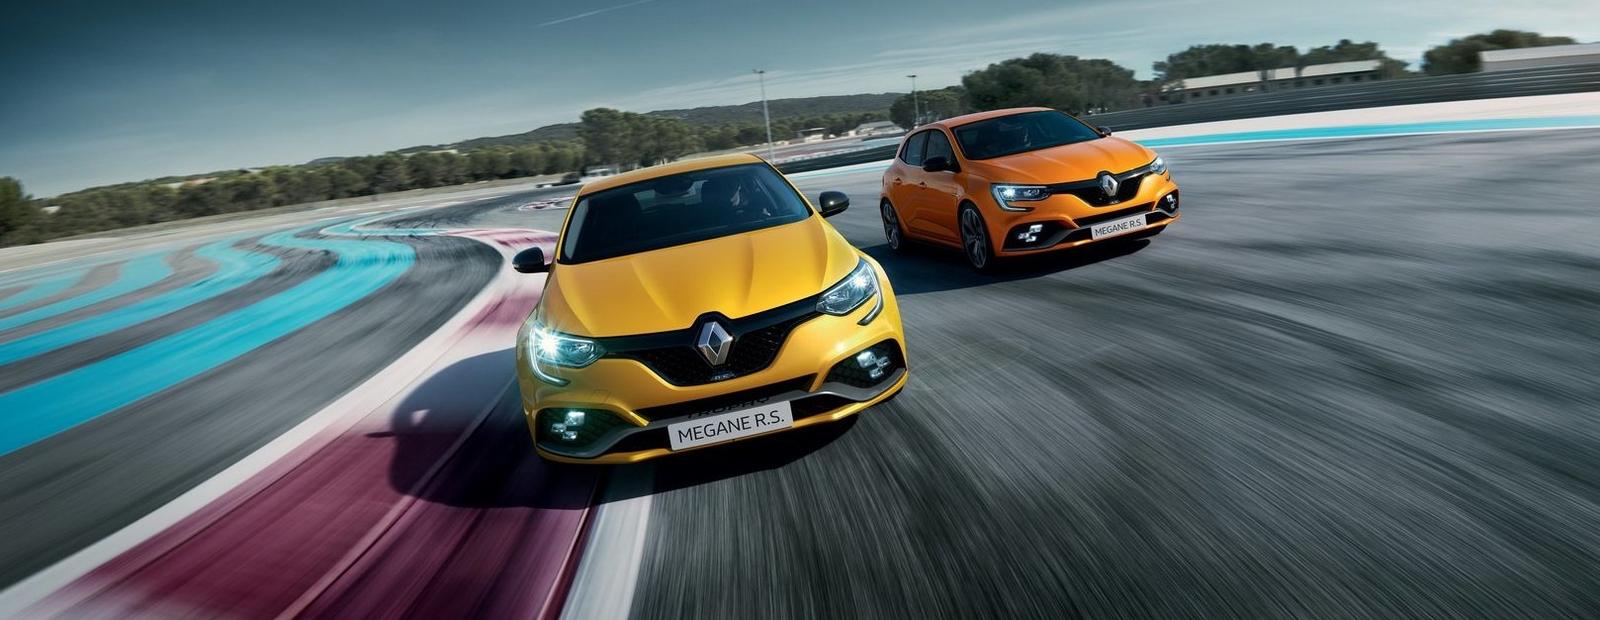 Renault представила самую